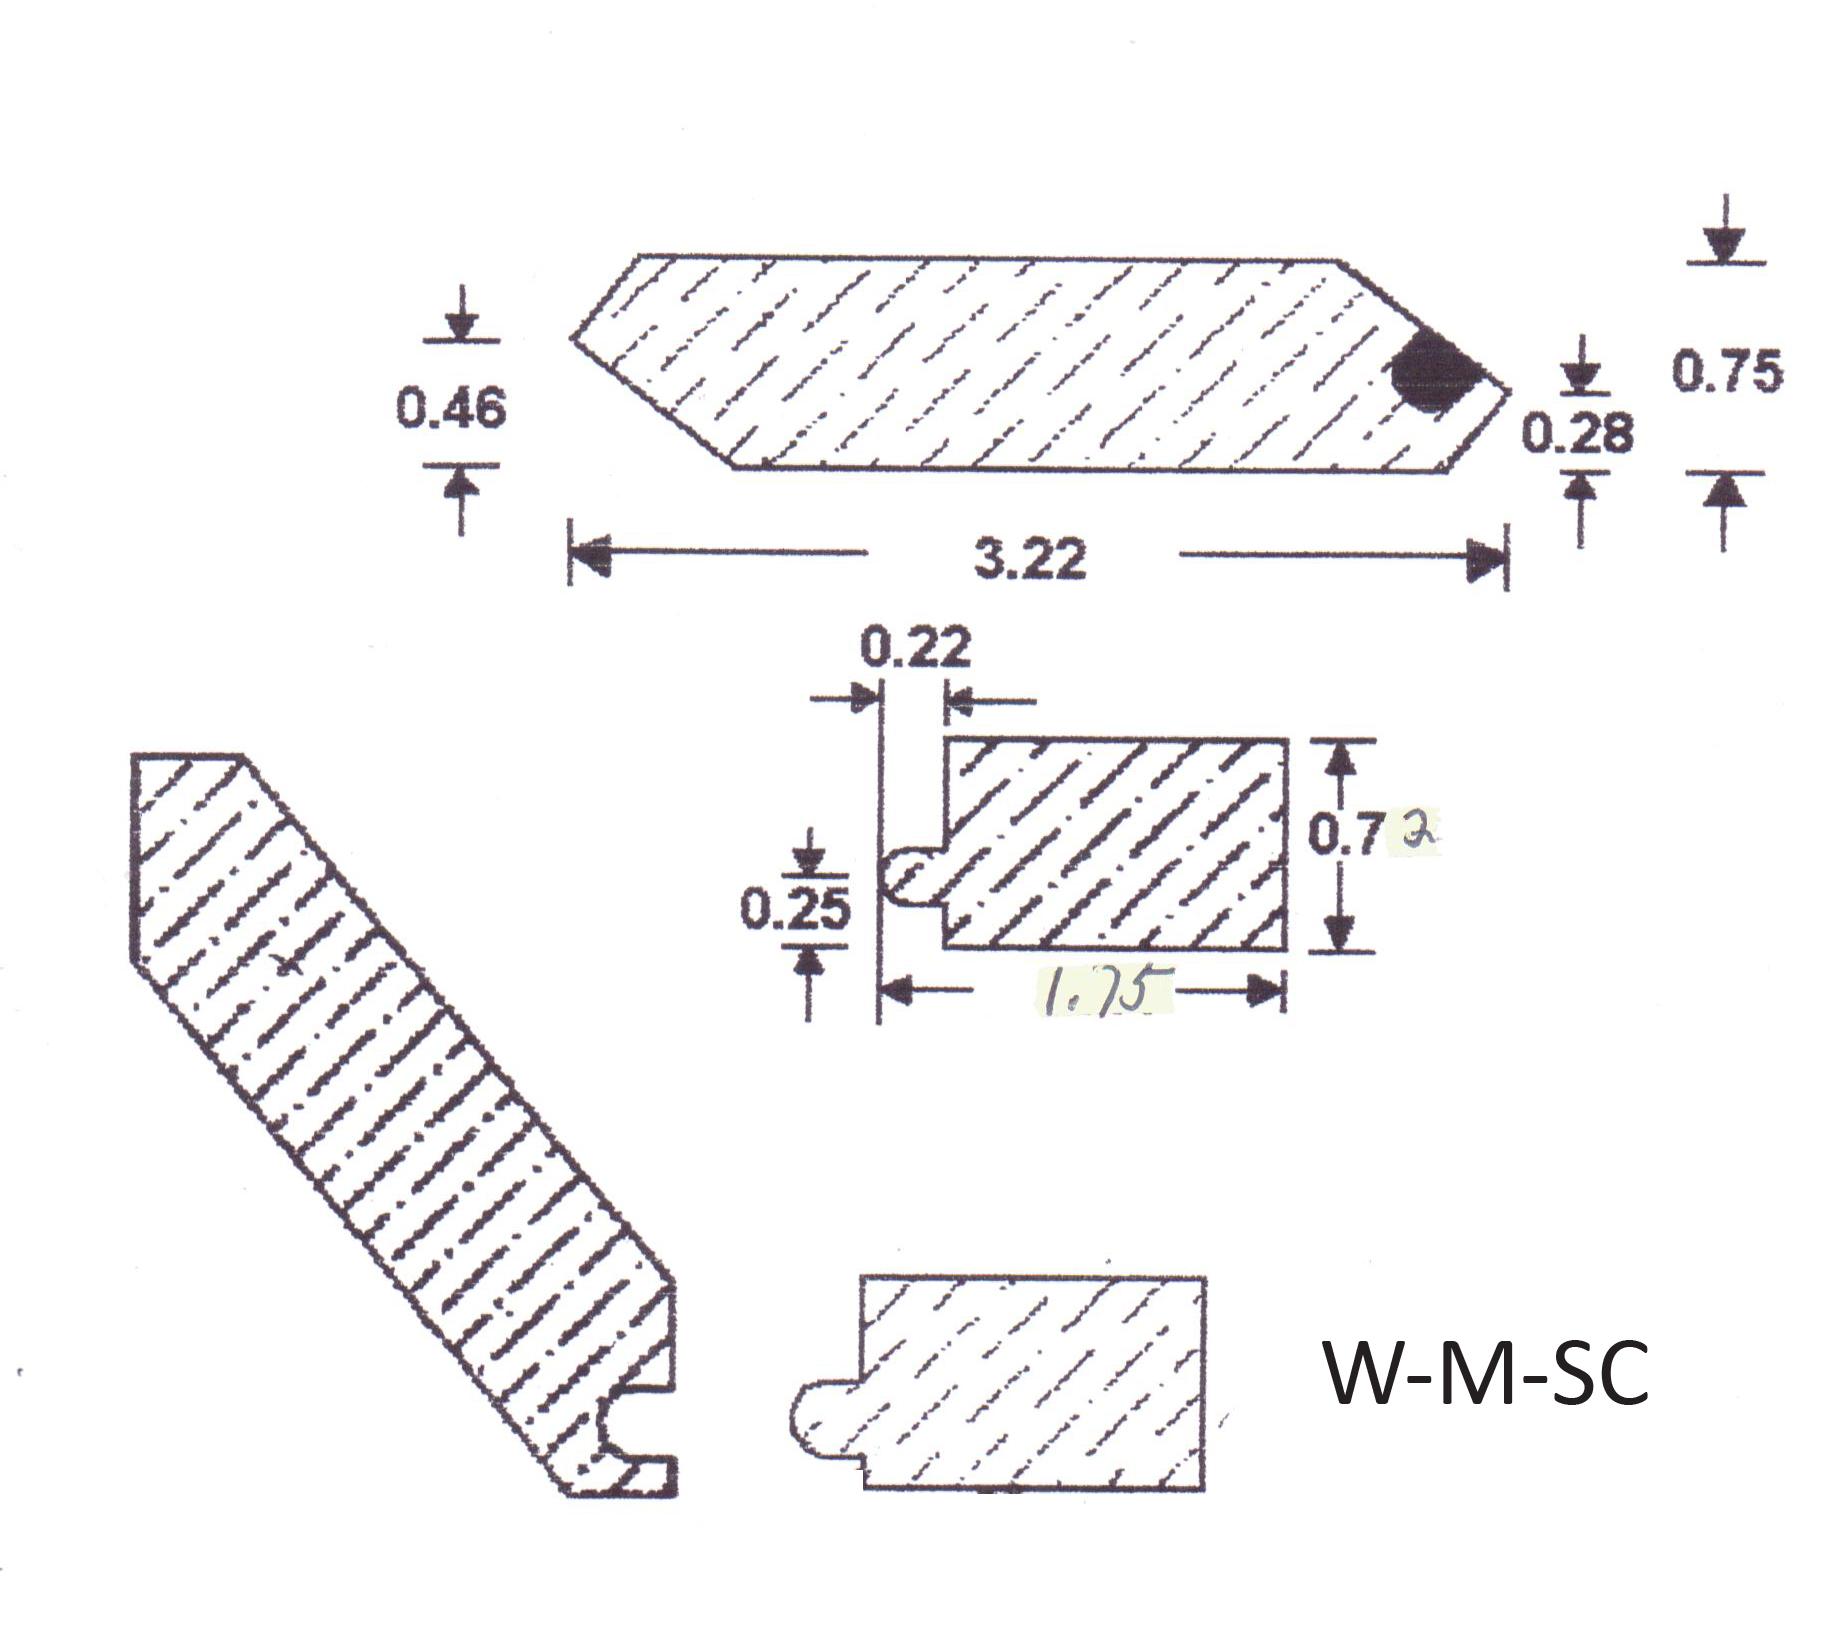 W-M-SC